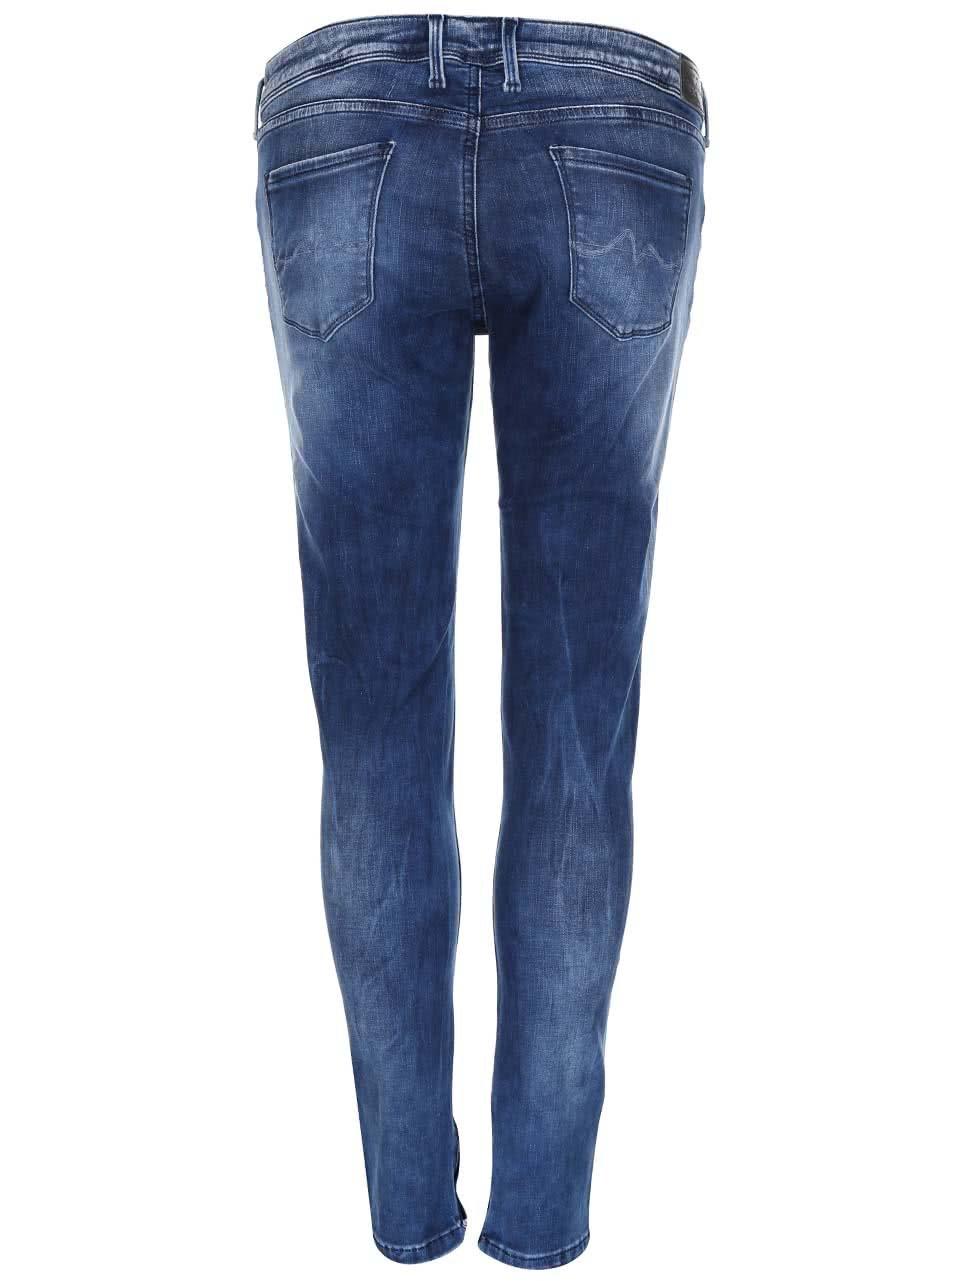 Tmavě modré dámské džíny s nízkým pasem Pepe Jeans Cher ... 44a635791f